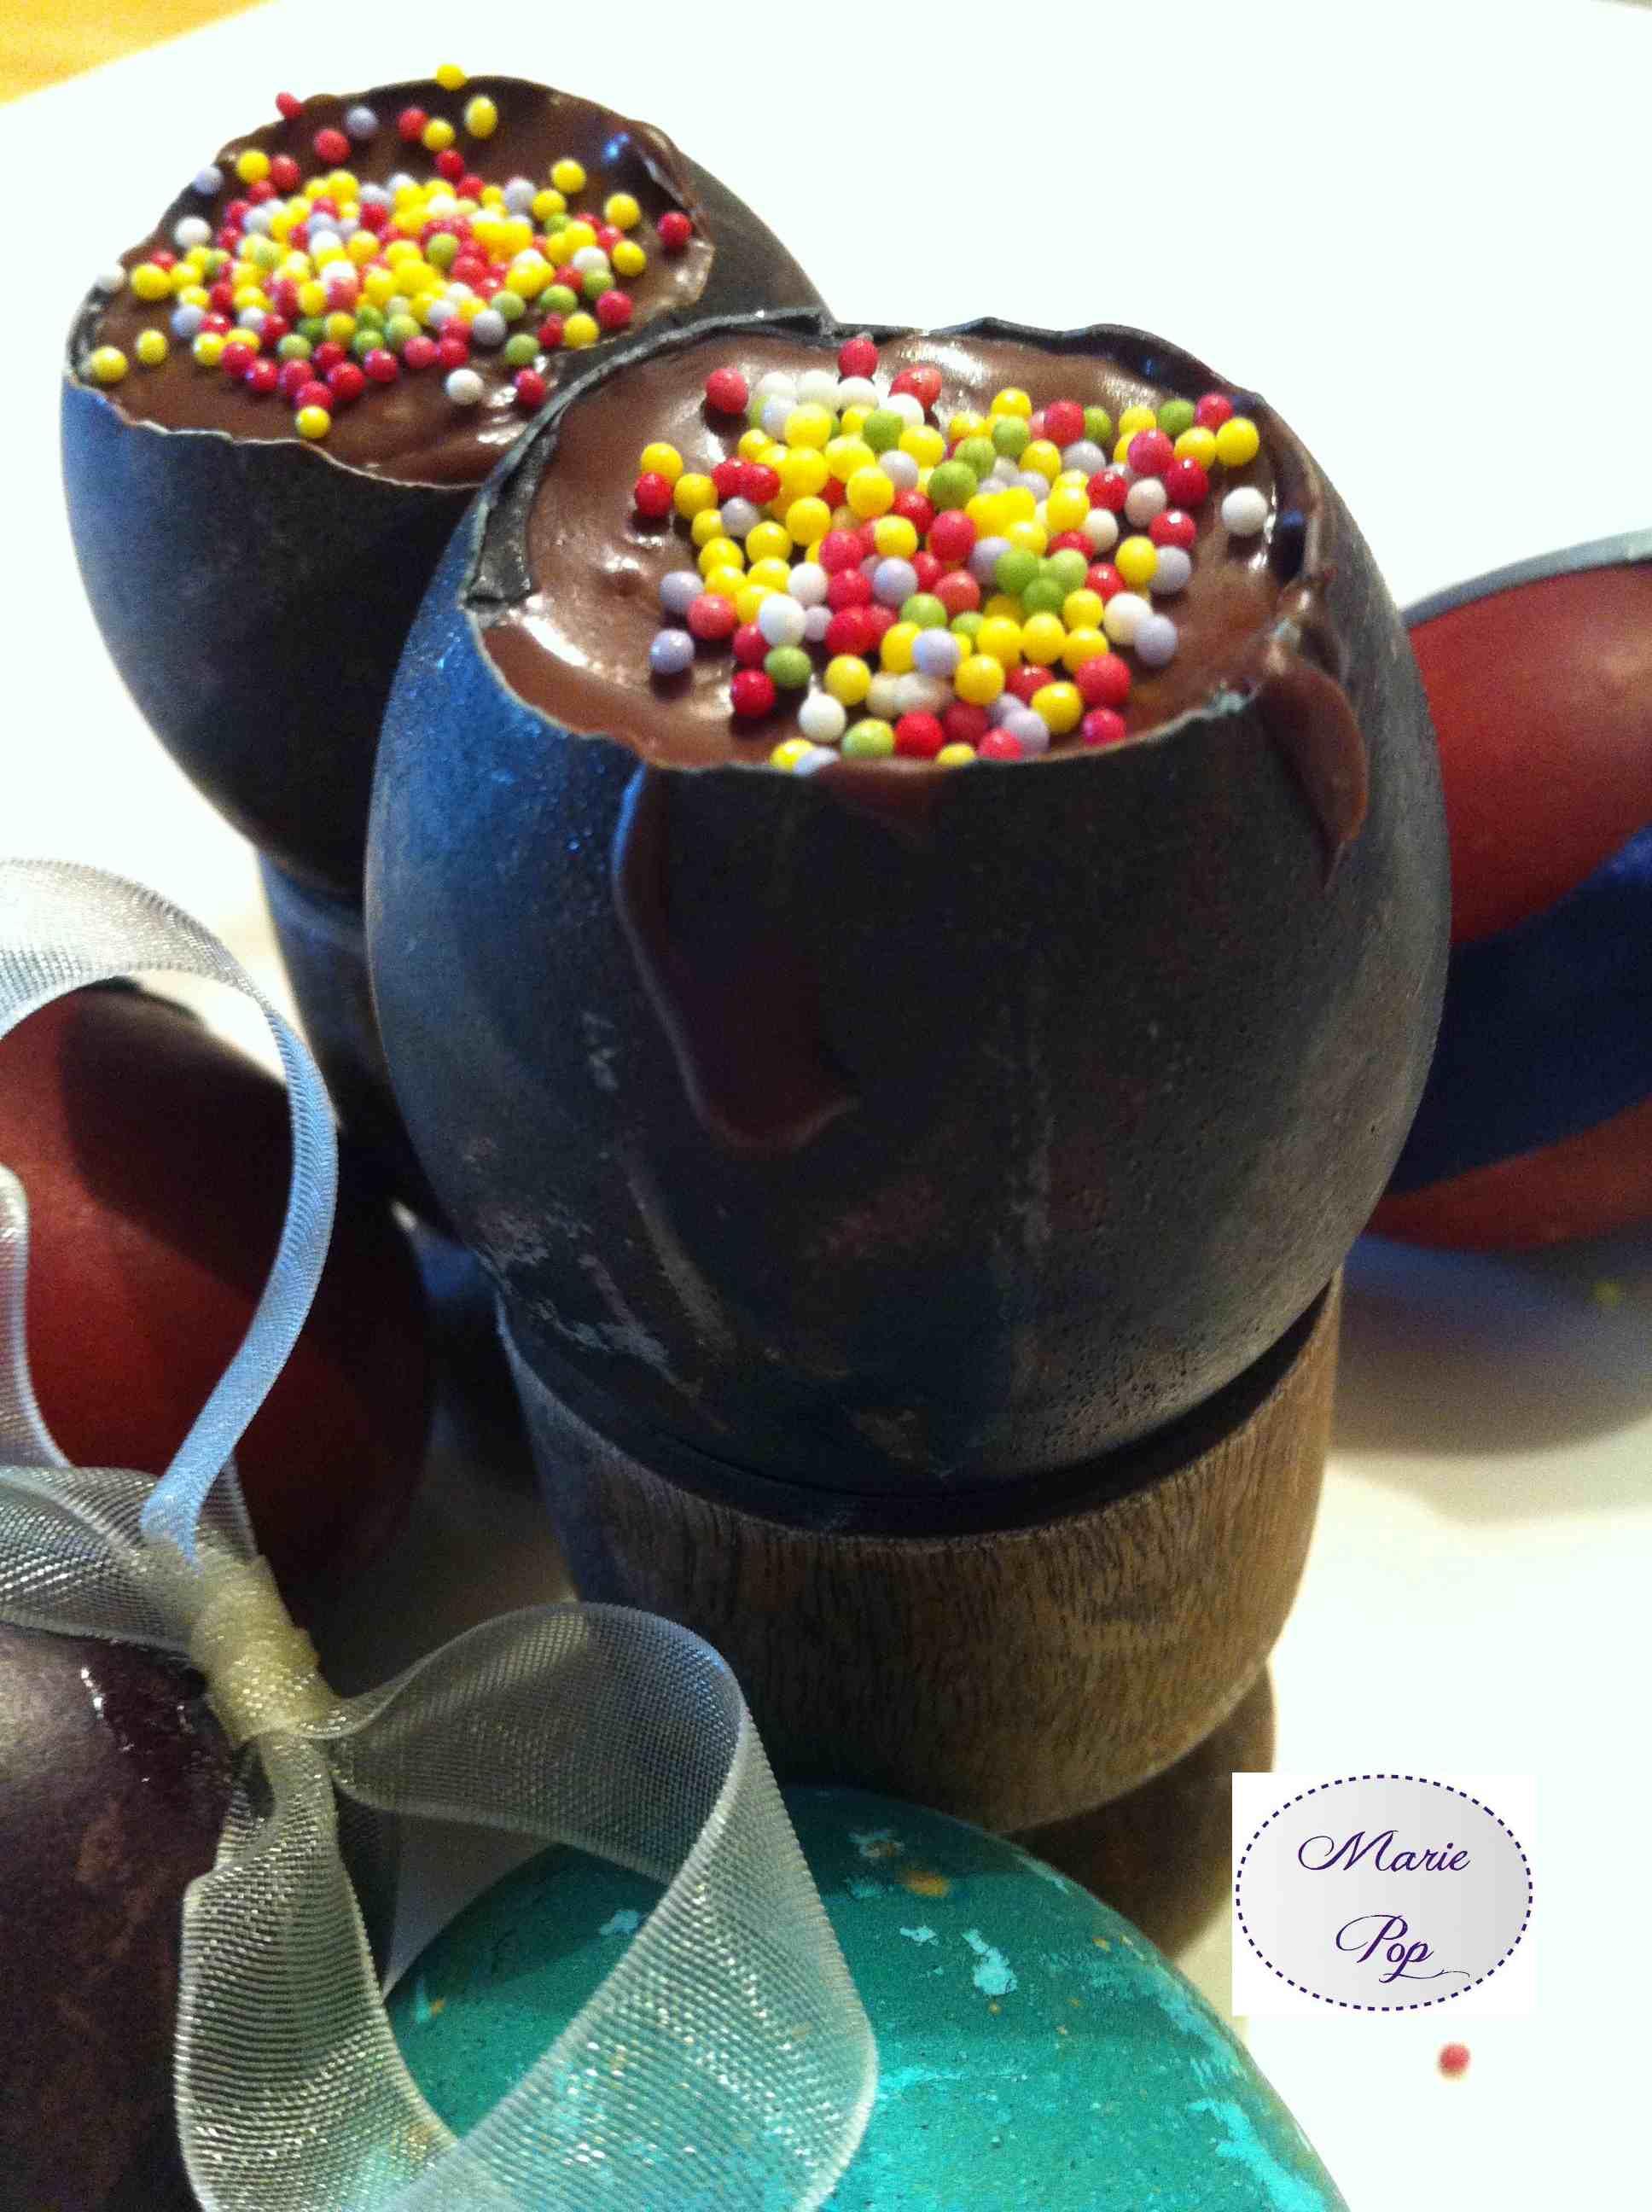 Oeuf en chocolat maison... Pâques est magique.